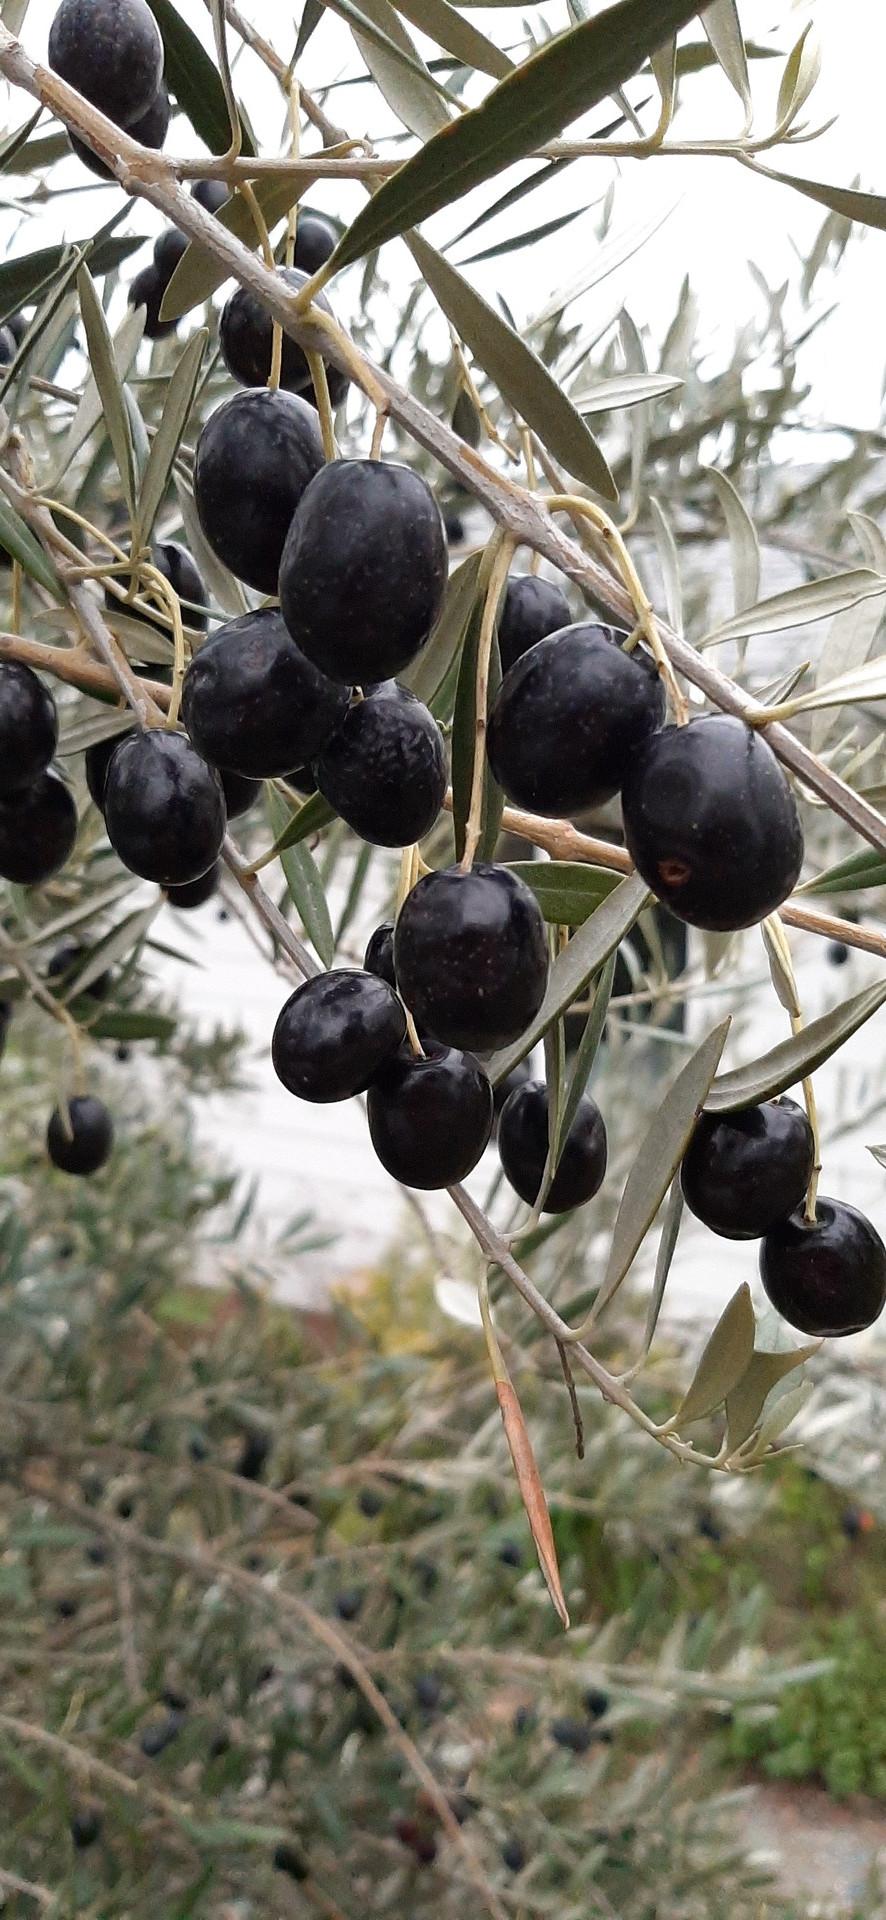 Californian Black Olives